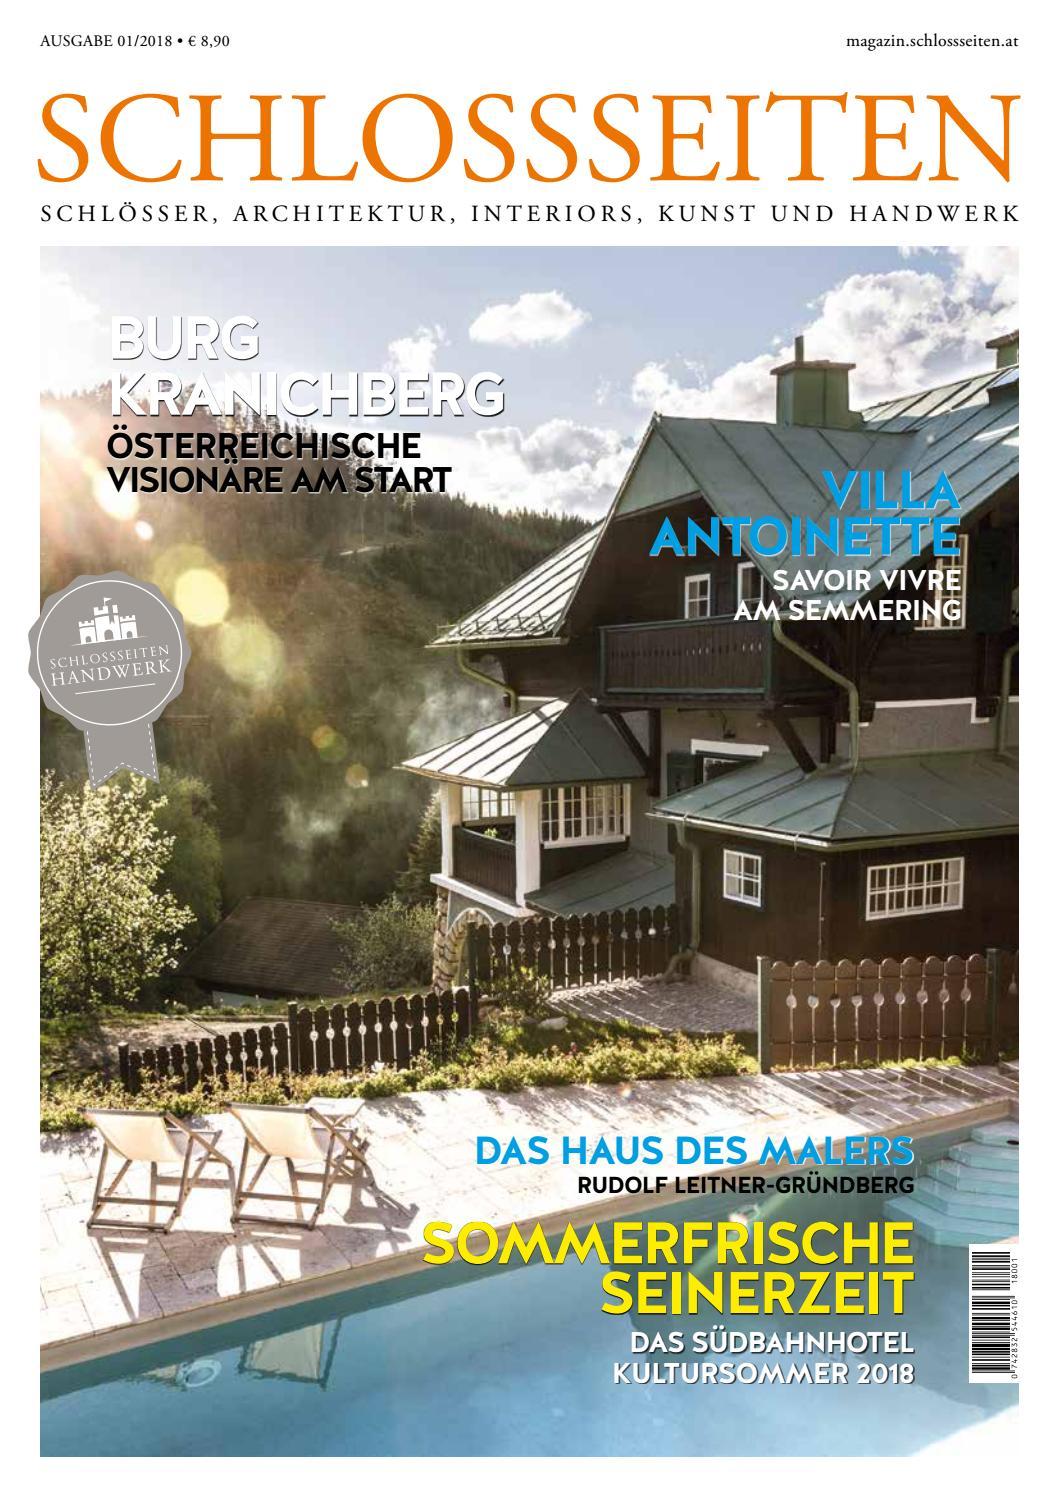 Schlossseiten Ausgabe 01 2018 by Schlossseiten - issuu